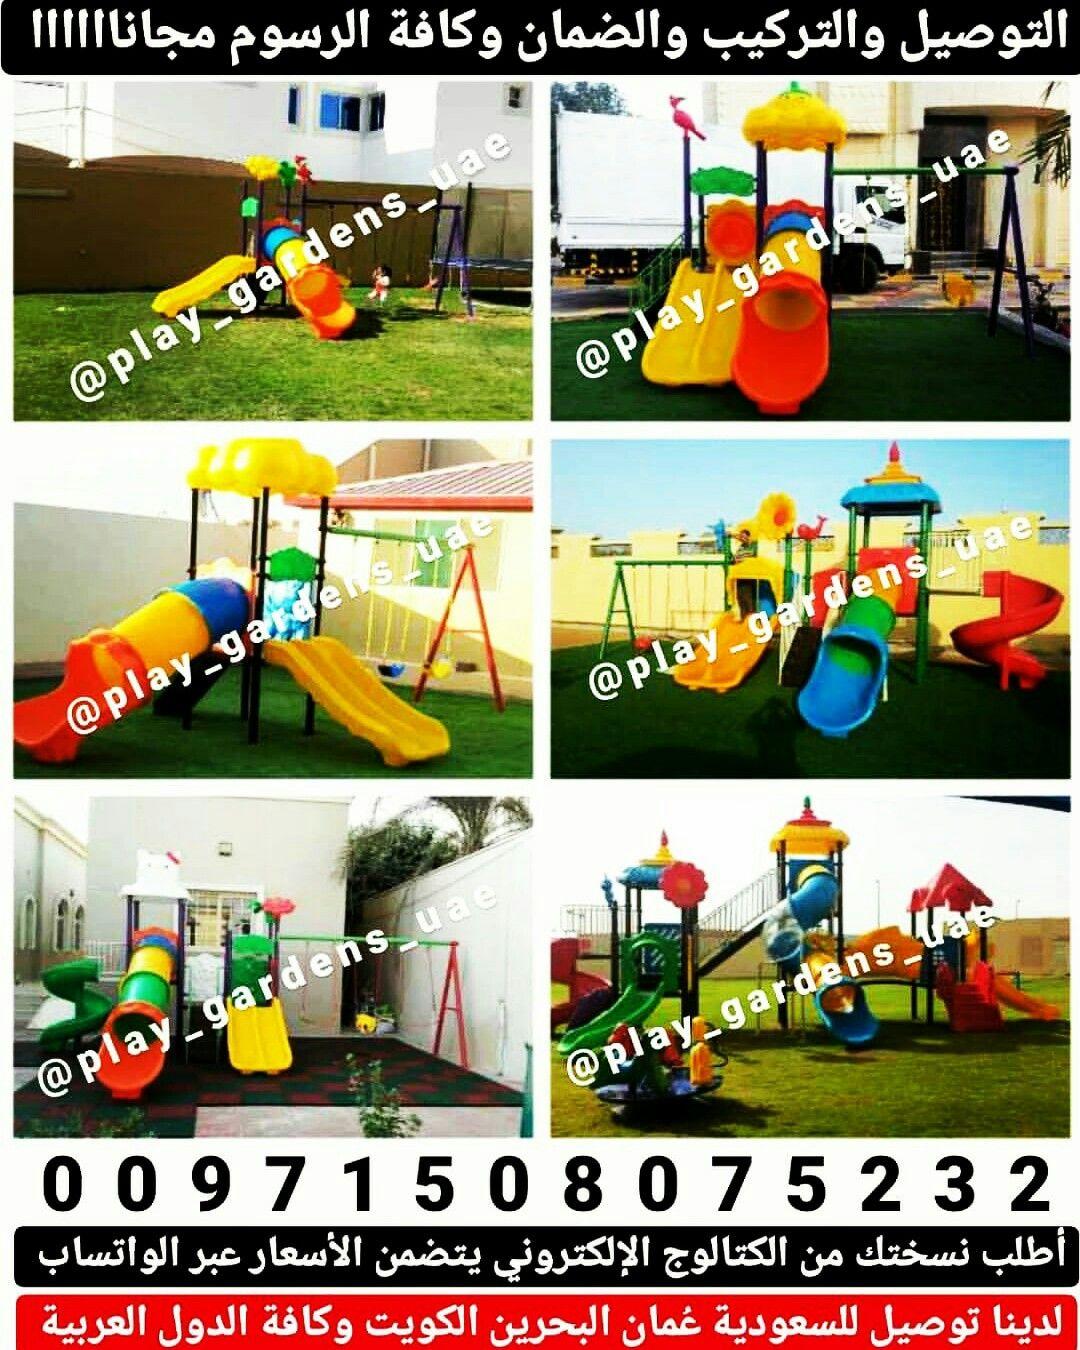 Pin By العاب حدائق بالإمارات On العاب حدائق العاب اطفال العاب للاطفال العاب حدائق منزلية عامة 00971508075232 Kids Rugs Home Decor Decor